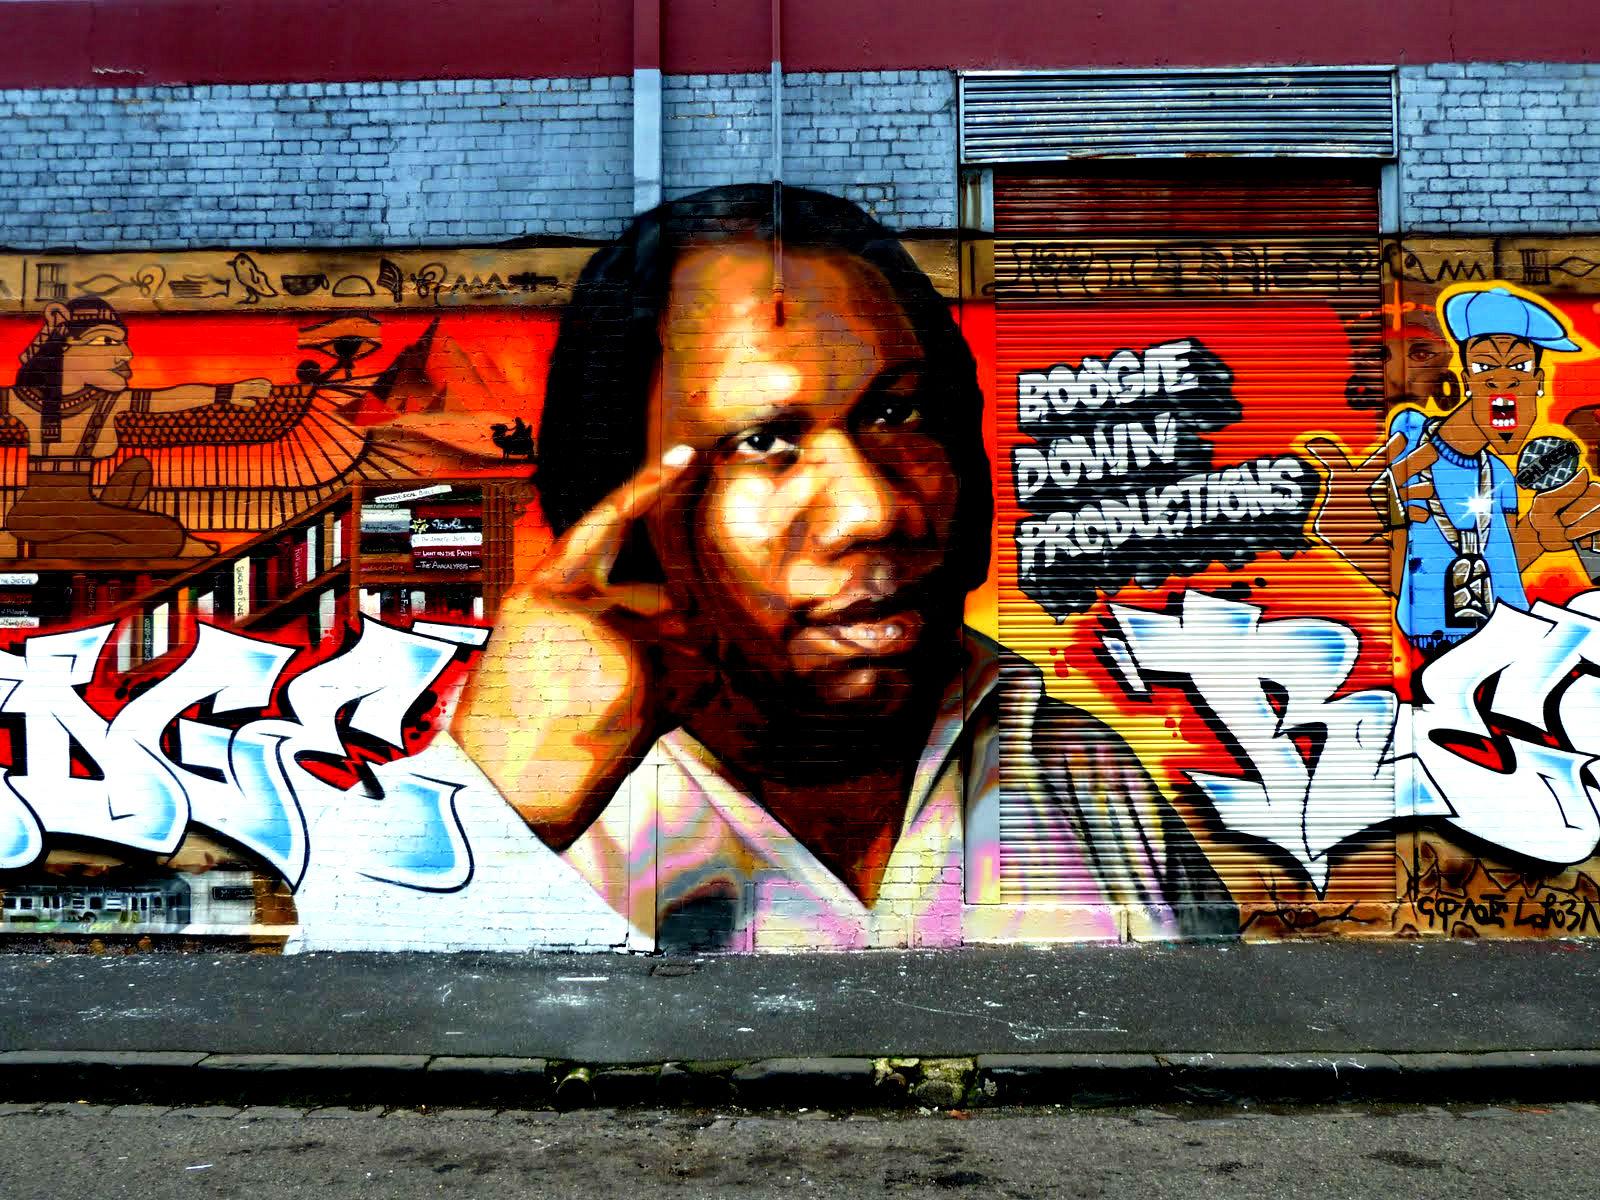 KRS ONE Gangsta Rapper Rap Hip Hop Krs One Graffiti Gs Wallpaper